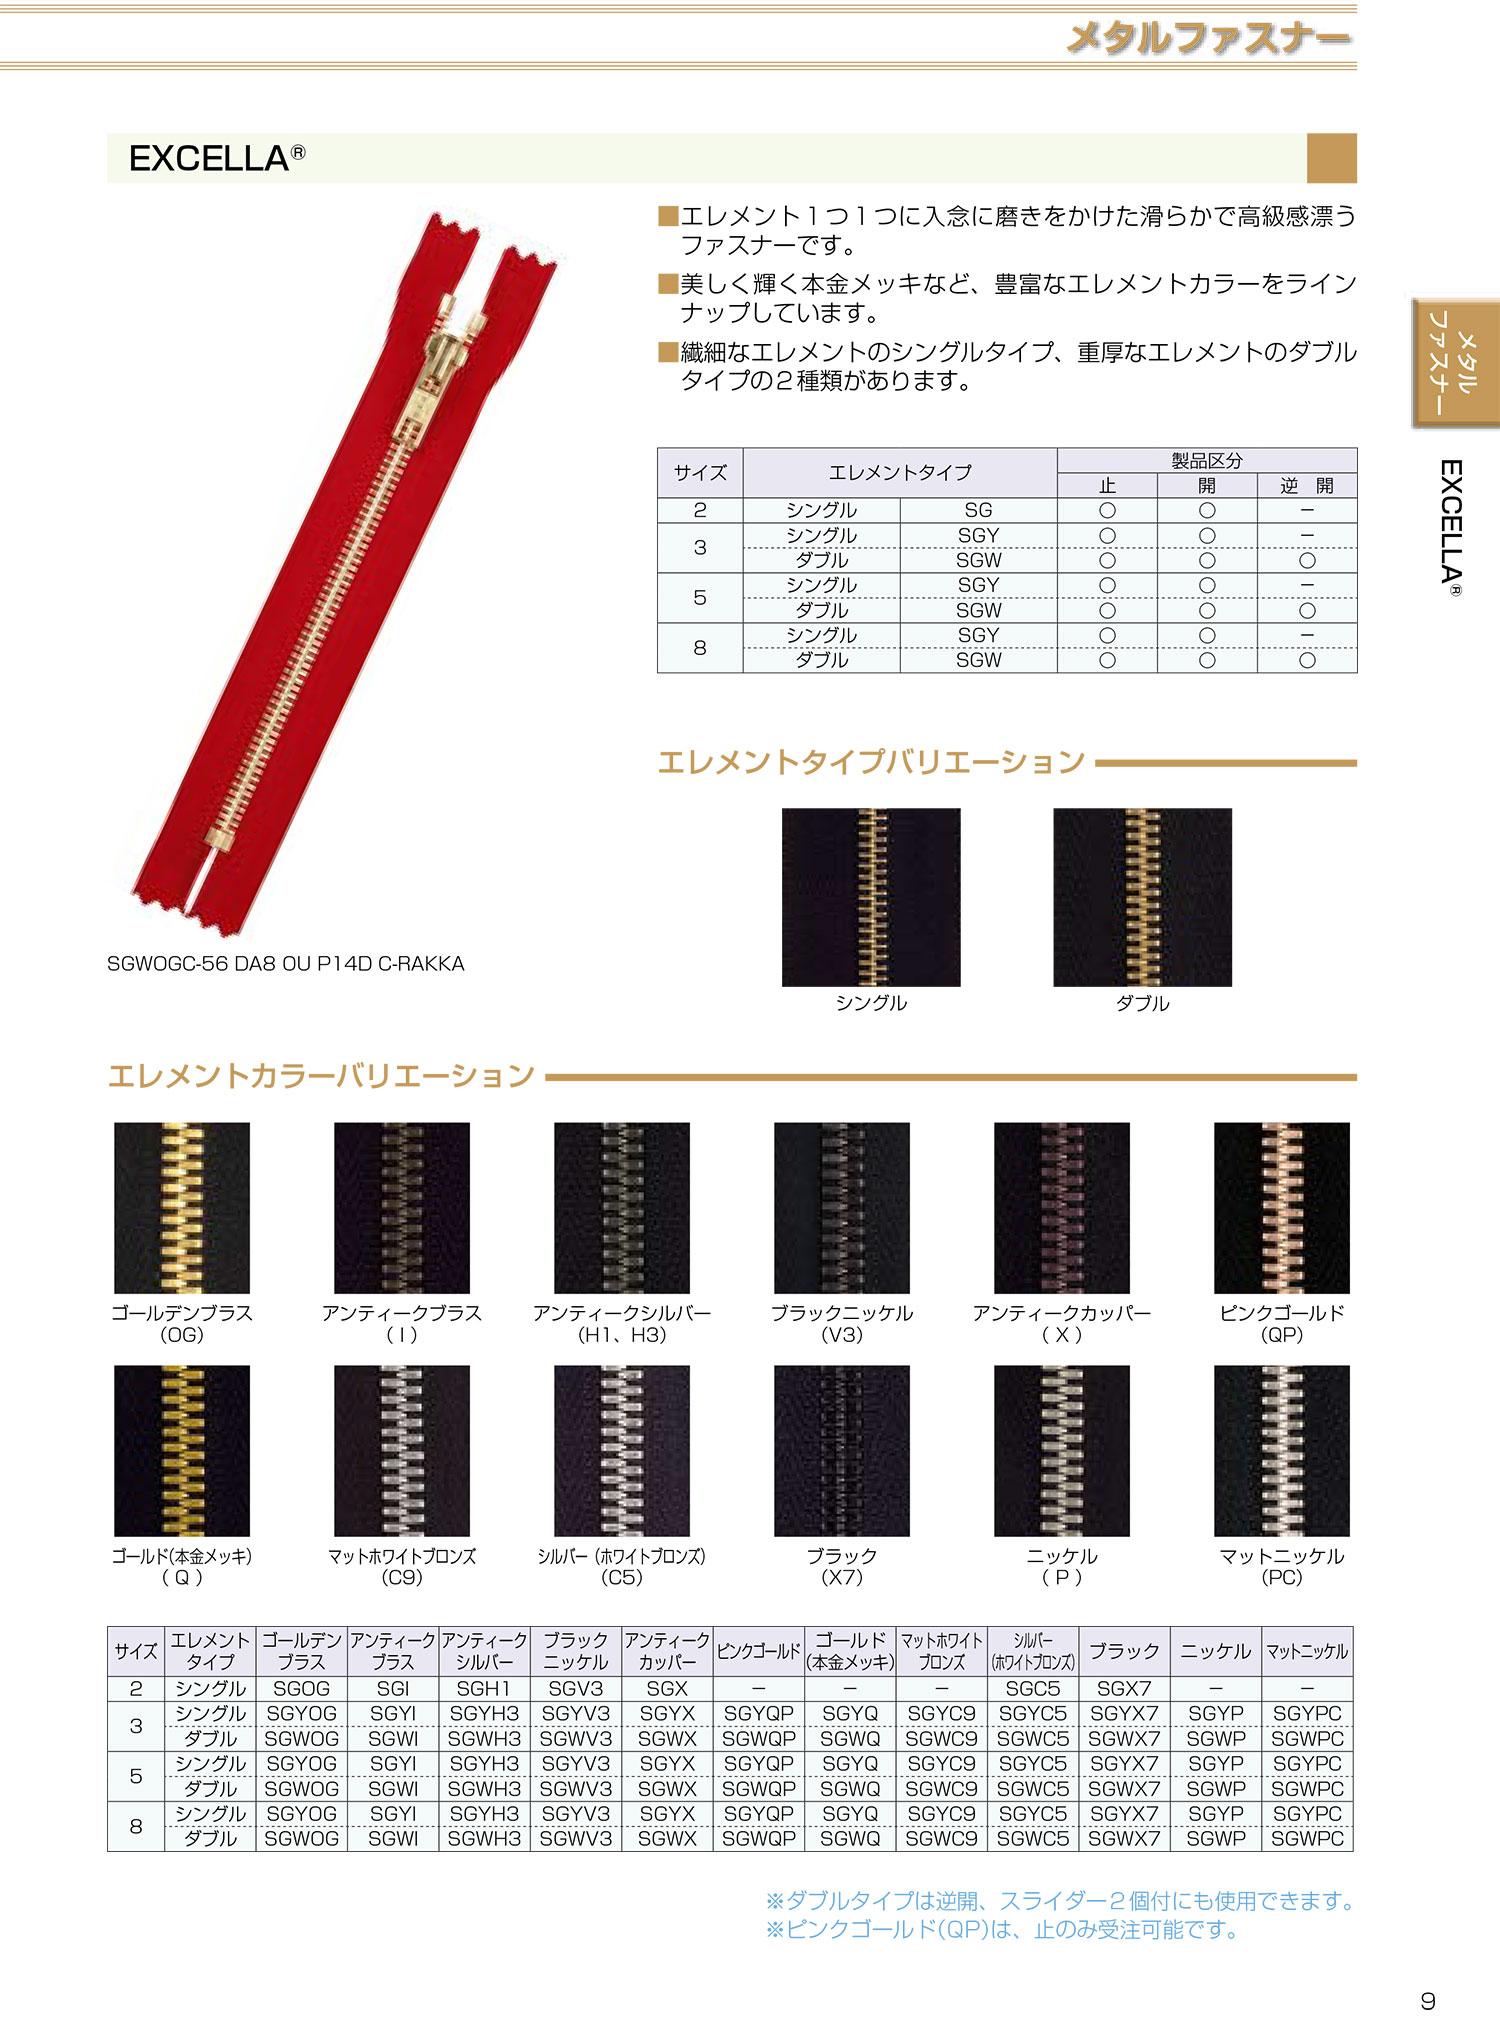 2SGV3C エクセラ 2サイズ ブラックニッケル 止め シングル[ファスナー] YKK/オークラ商事 - ApparelX アパレル資材卸通販